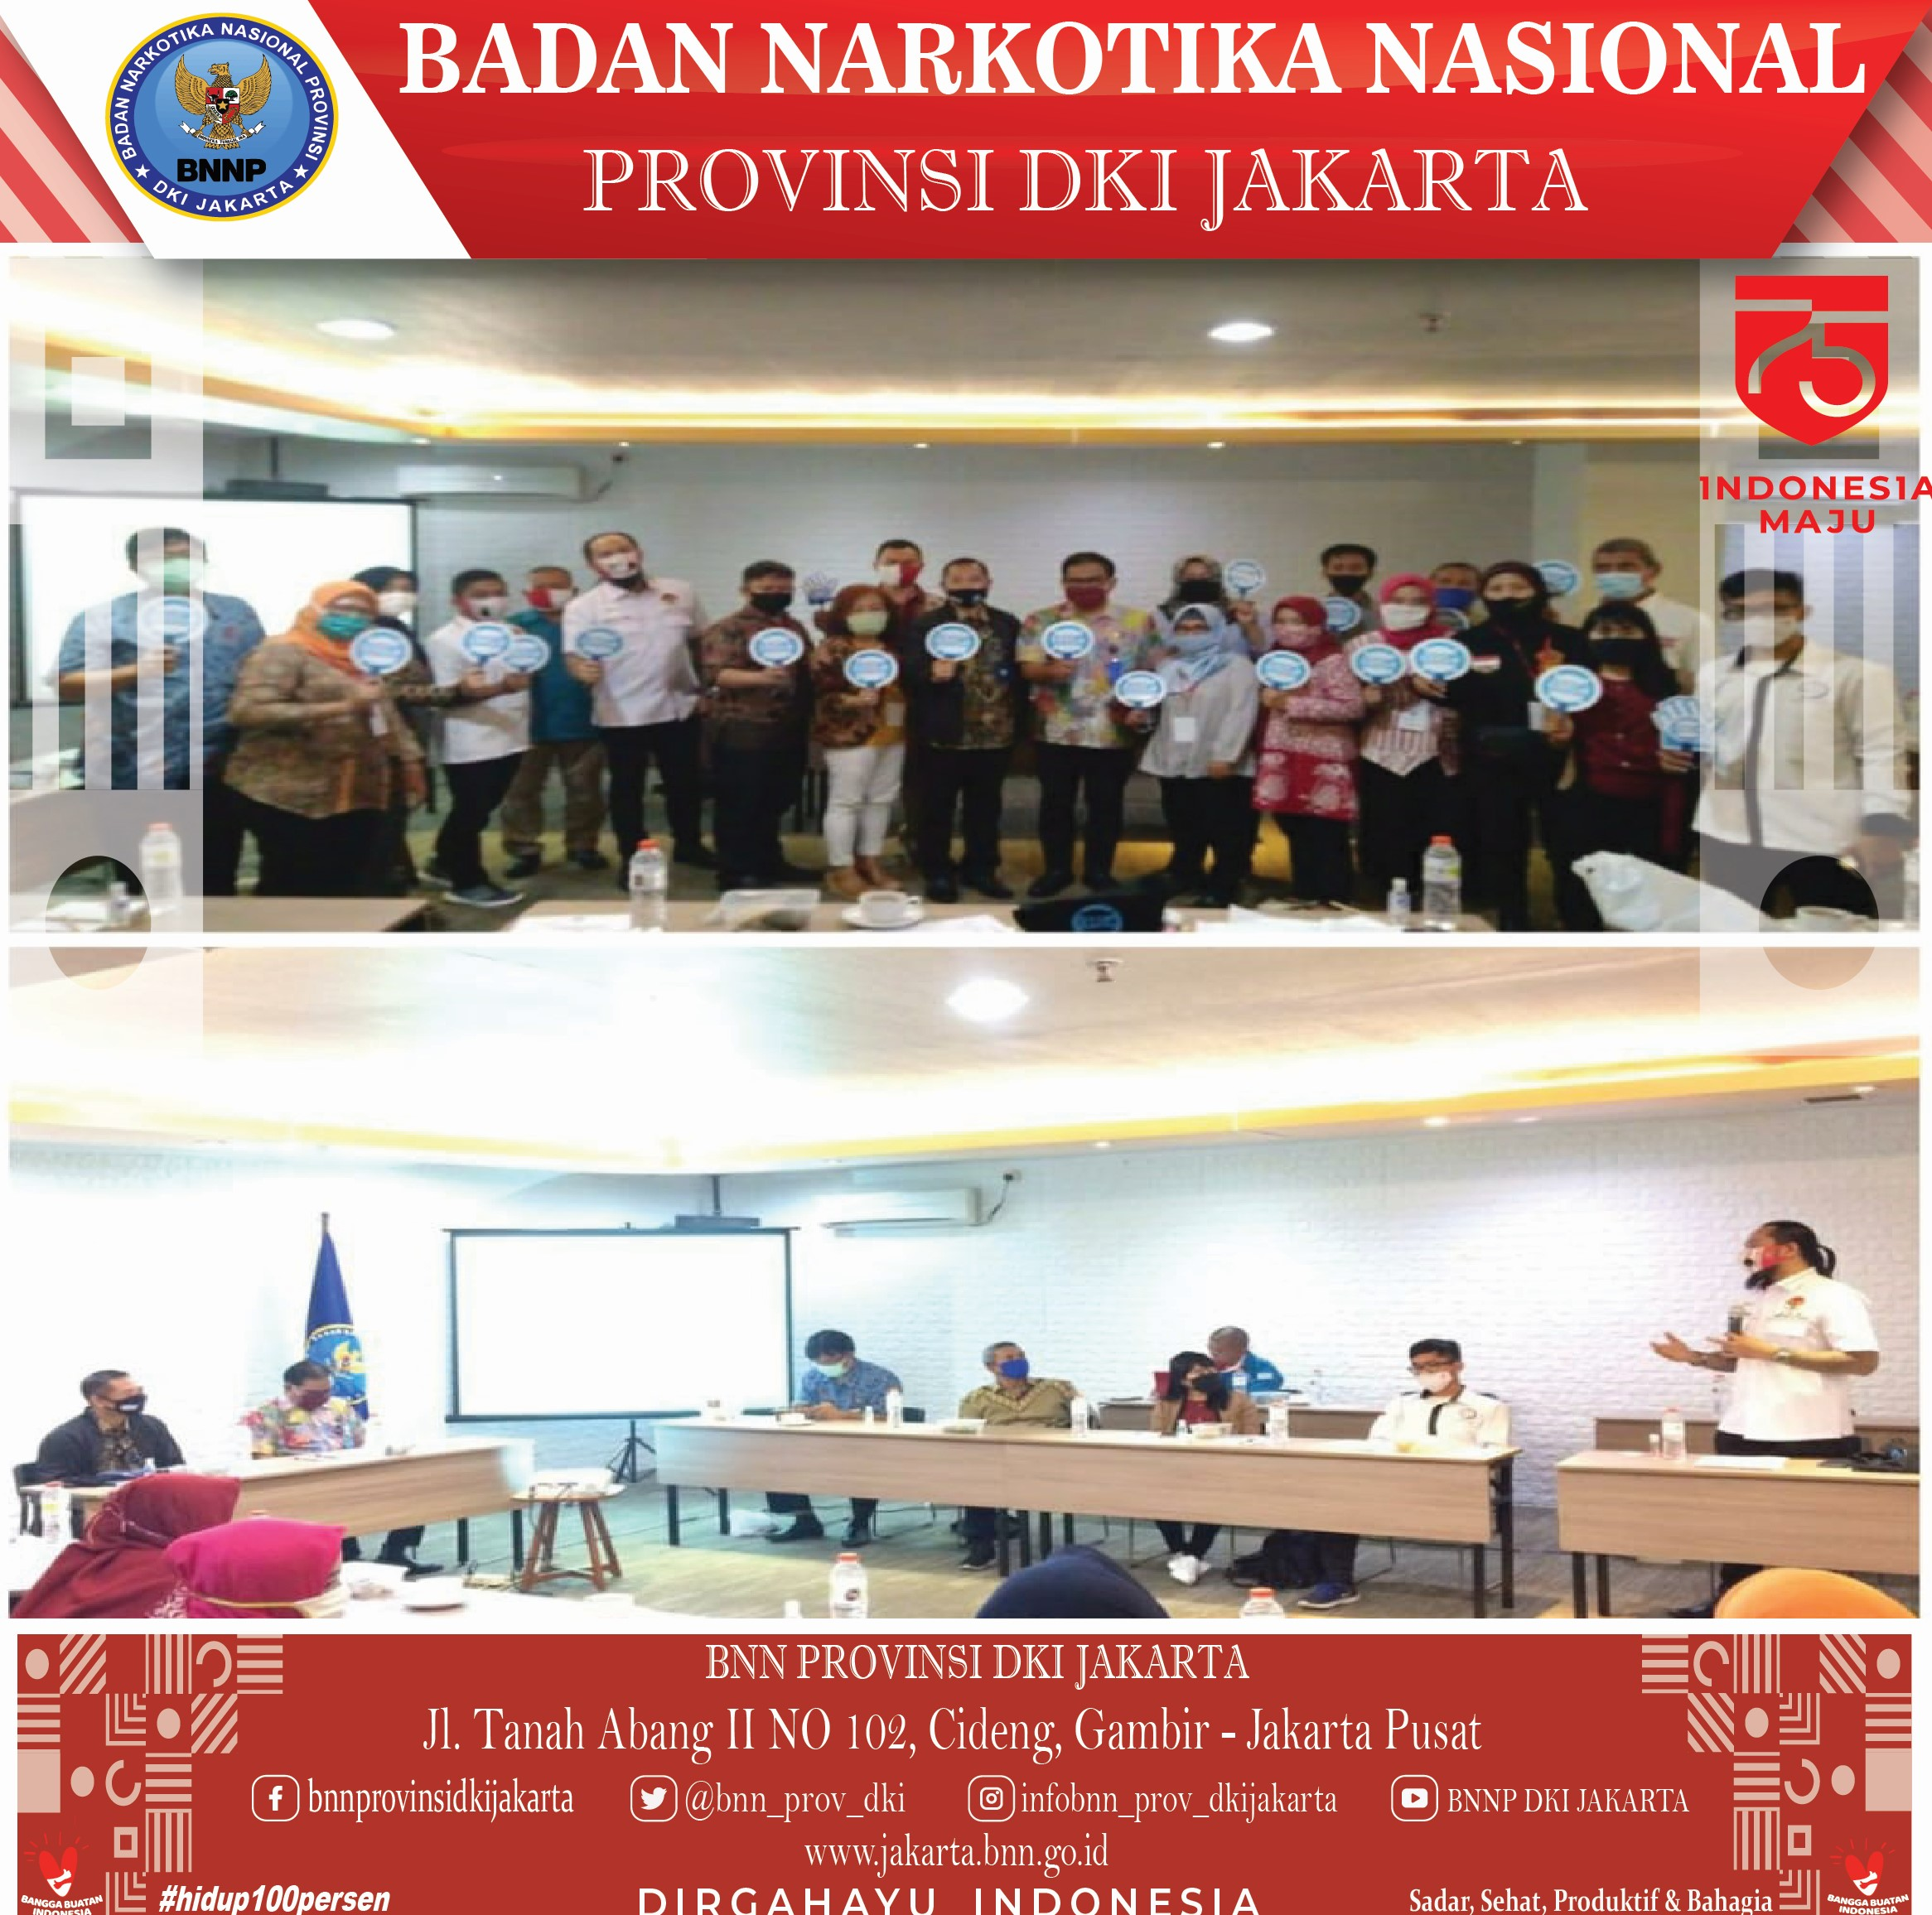 Workshop Pengembangan Kapasitas dan Pembinaan Masyarakat Anti Narkoba Di Lingkungan Masyarakat.